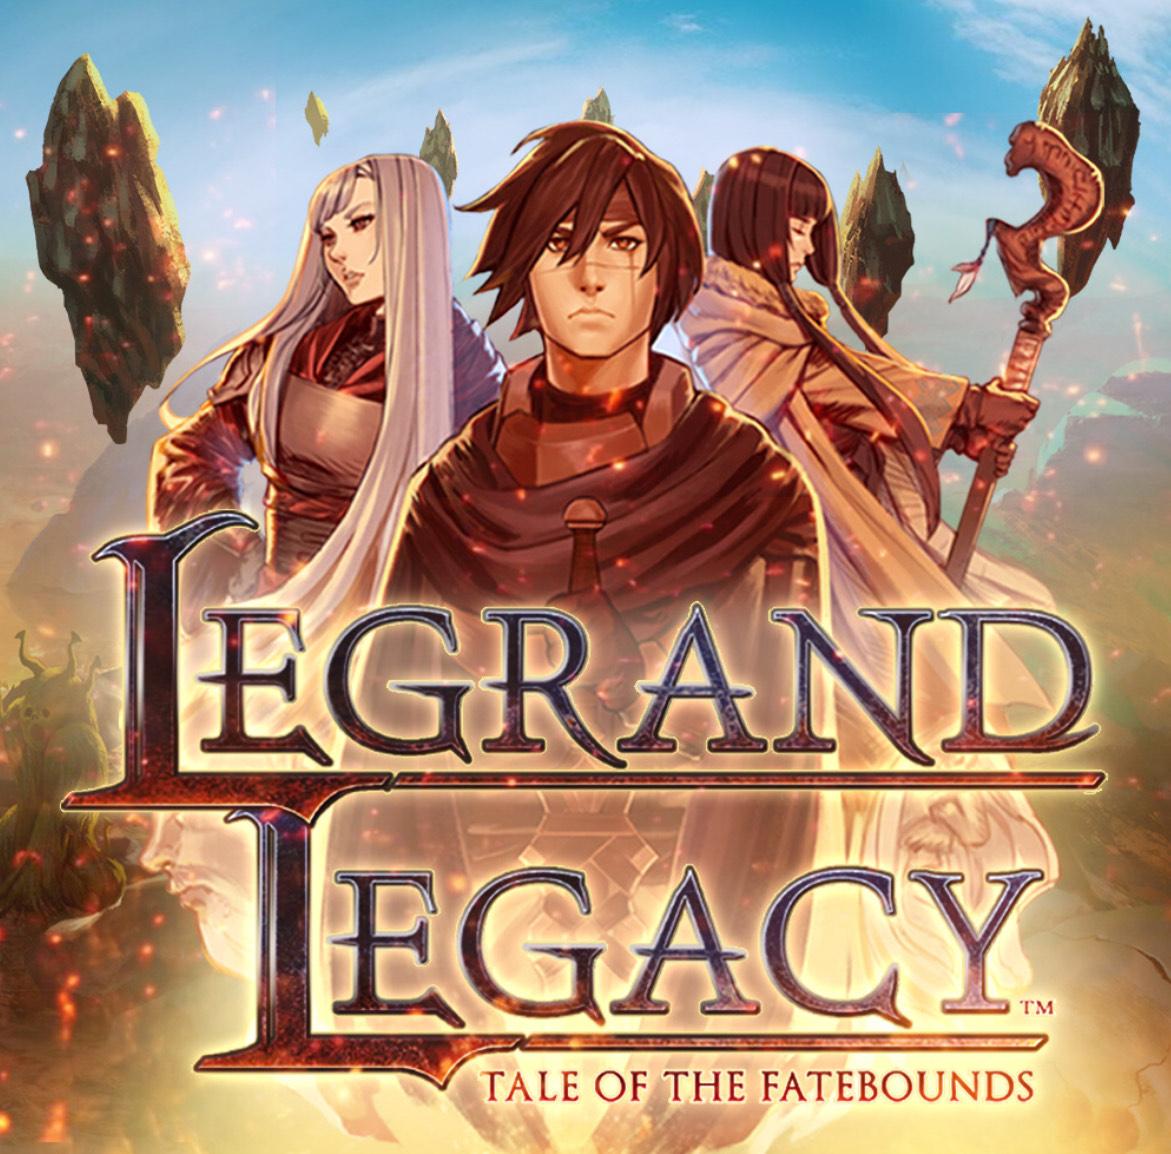 Legrand Legacy: Tale of the Fatebounds sur Nintendo Switch (Dématérialisé)